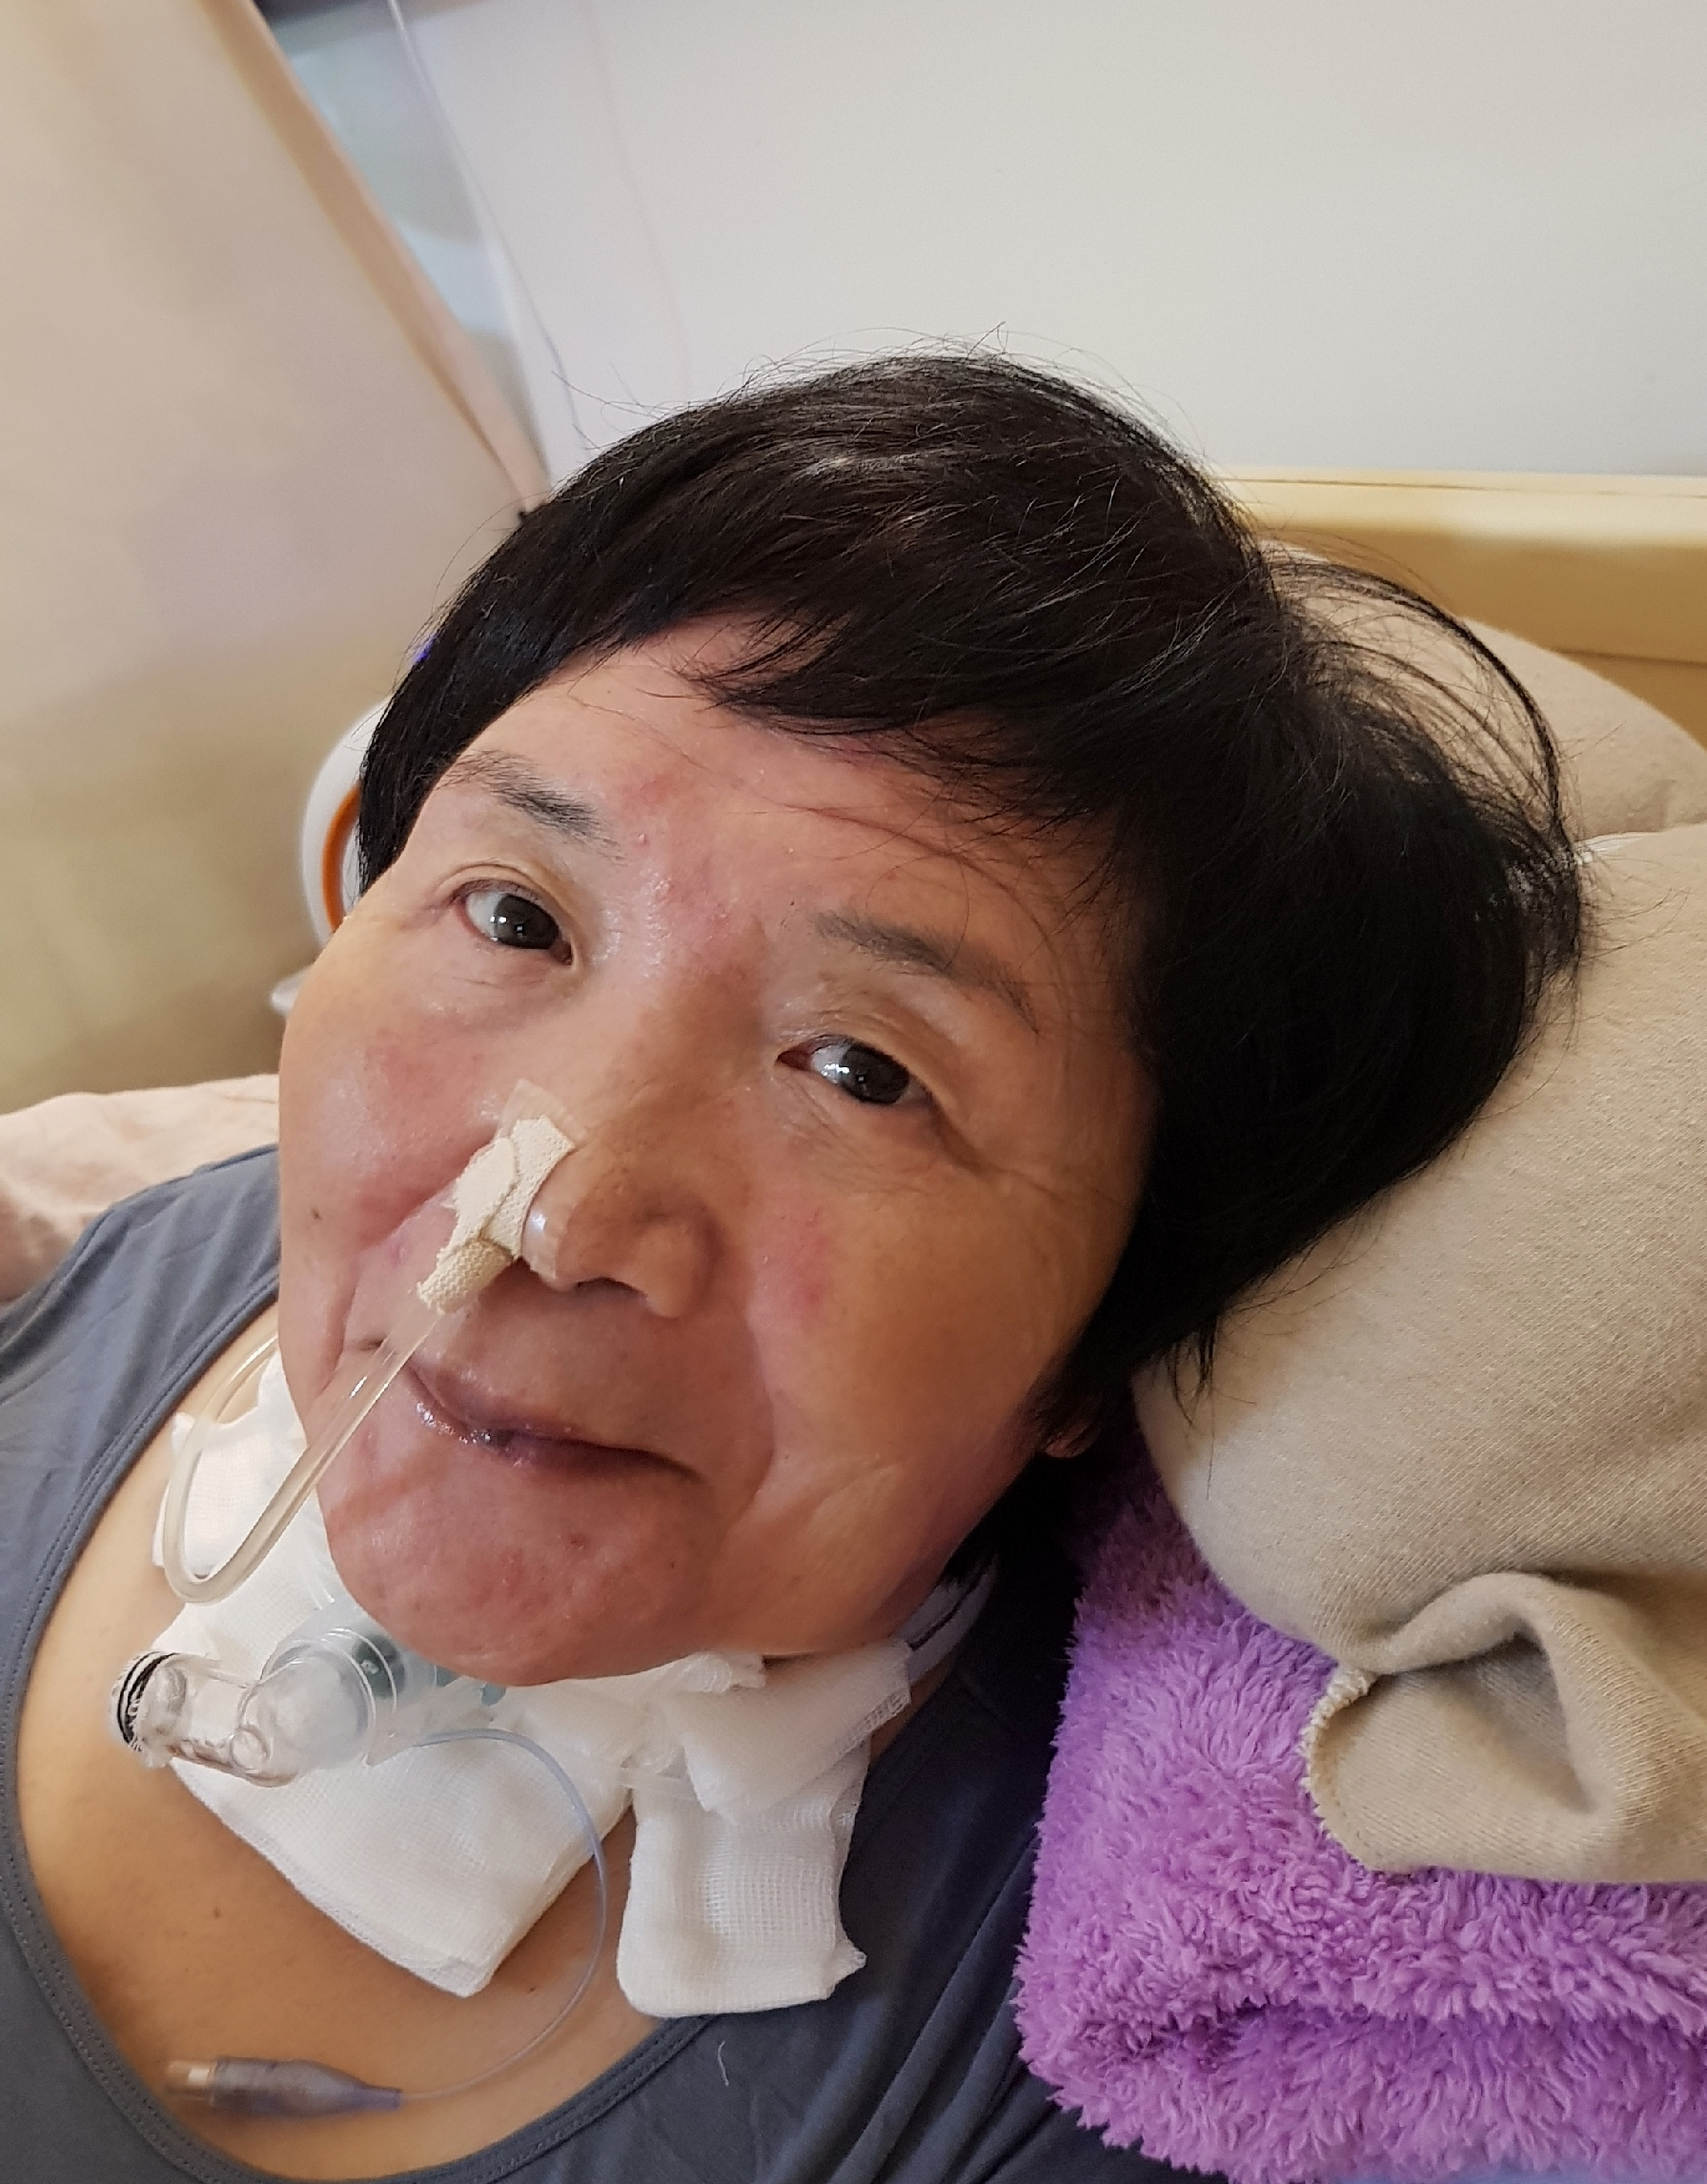 給媽媽的睡前故事-永遠的尹雪艷(1)